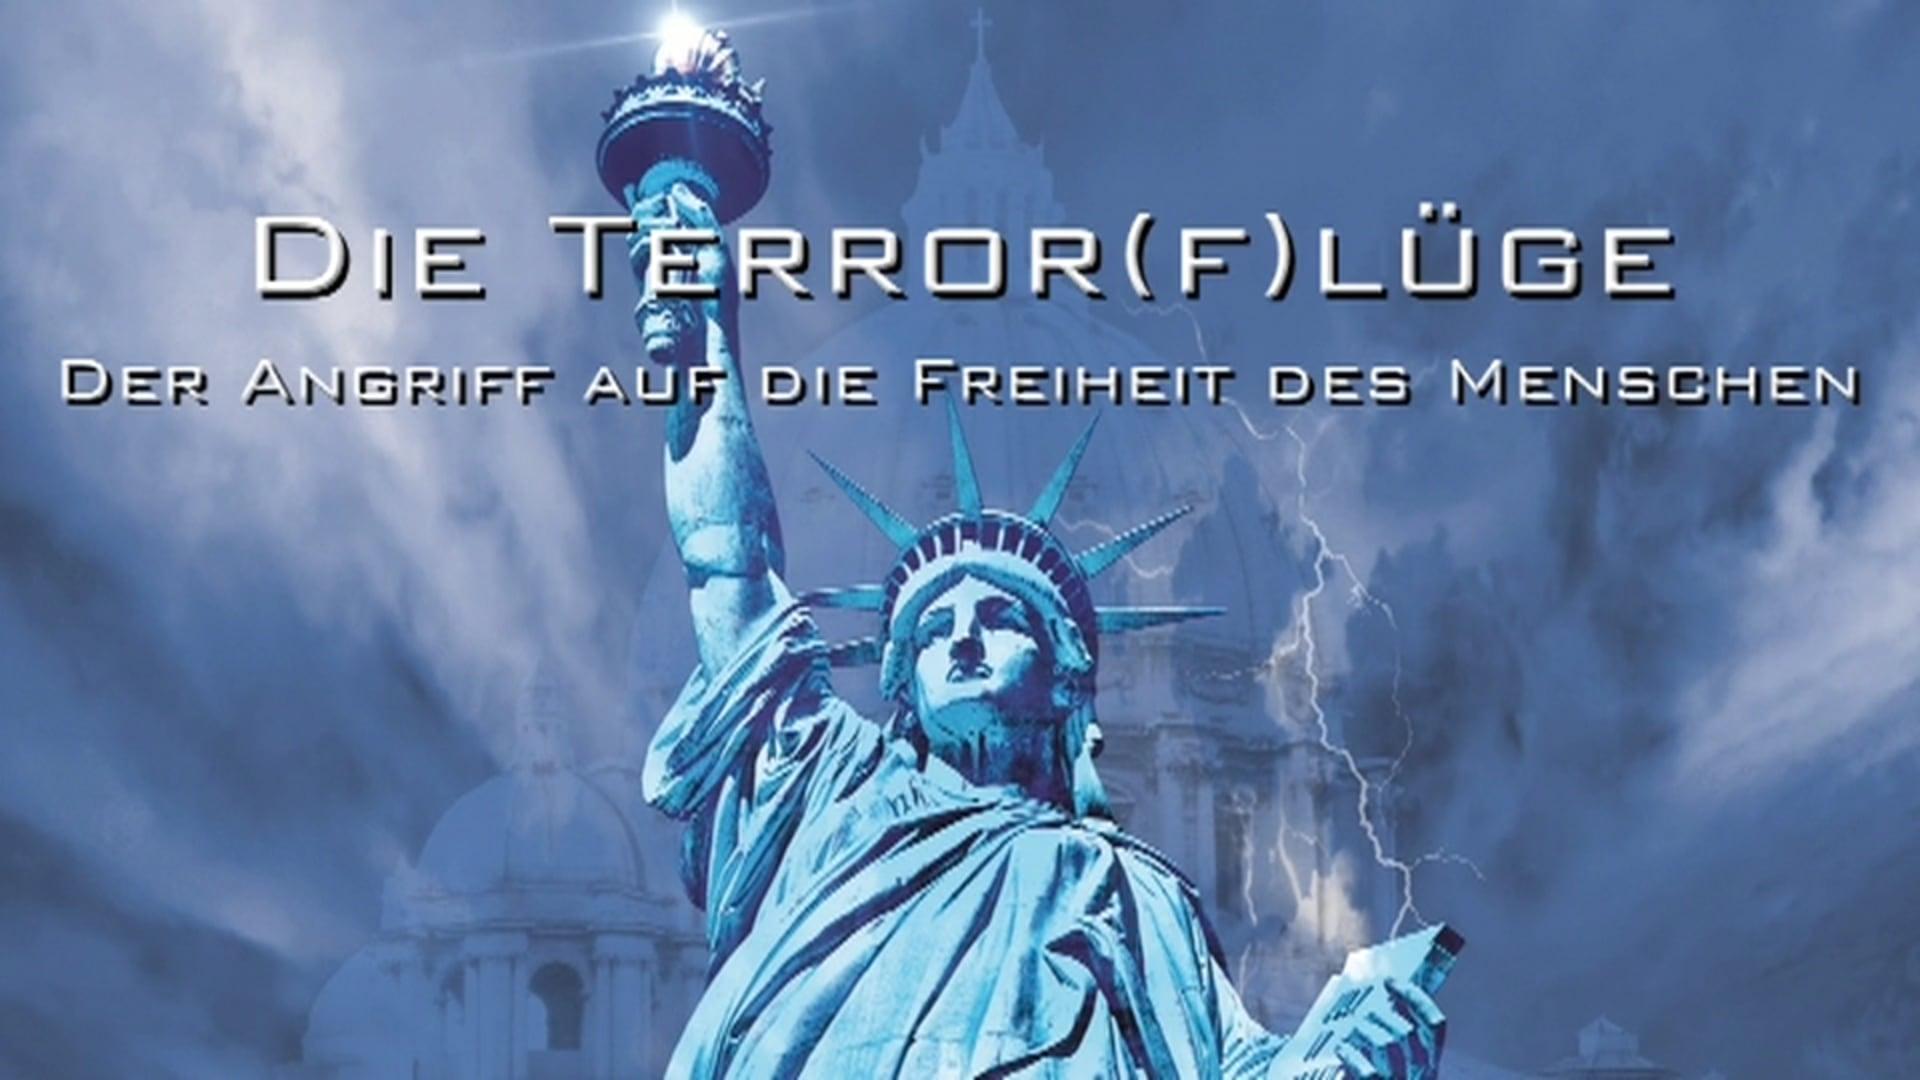 Die Terror(f)lüge. Der Angriff auf die Freiheit des Menschen. (NWO 1)